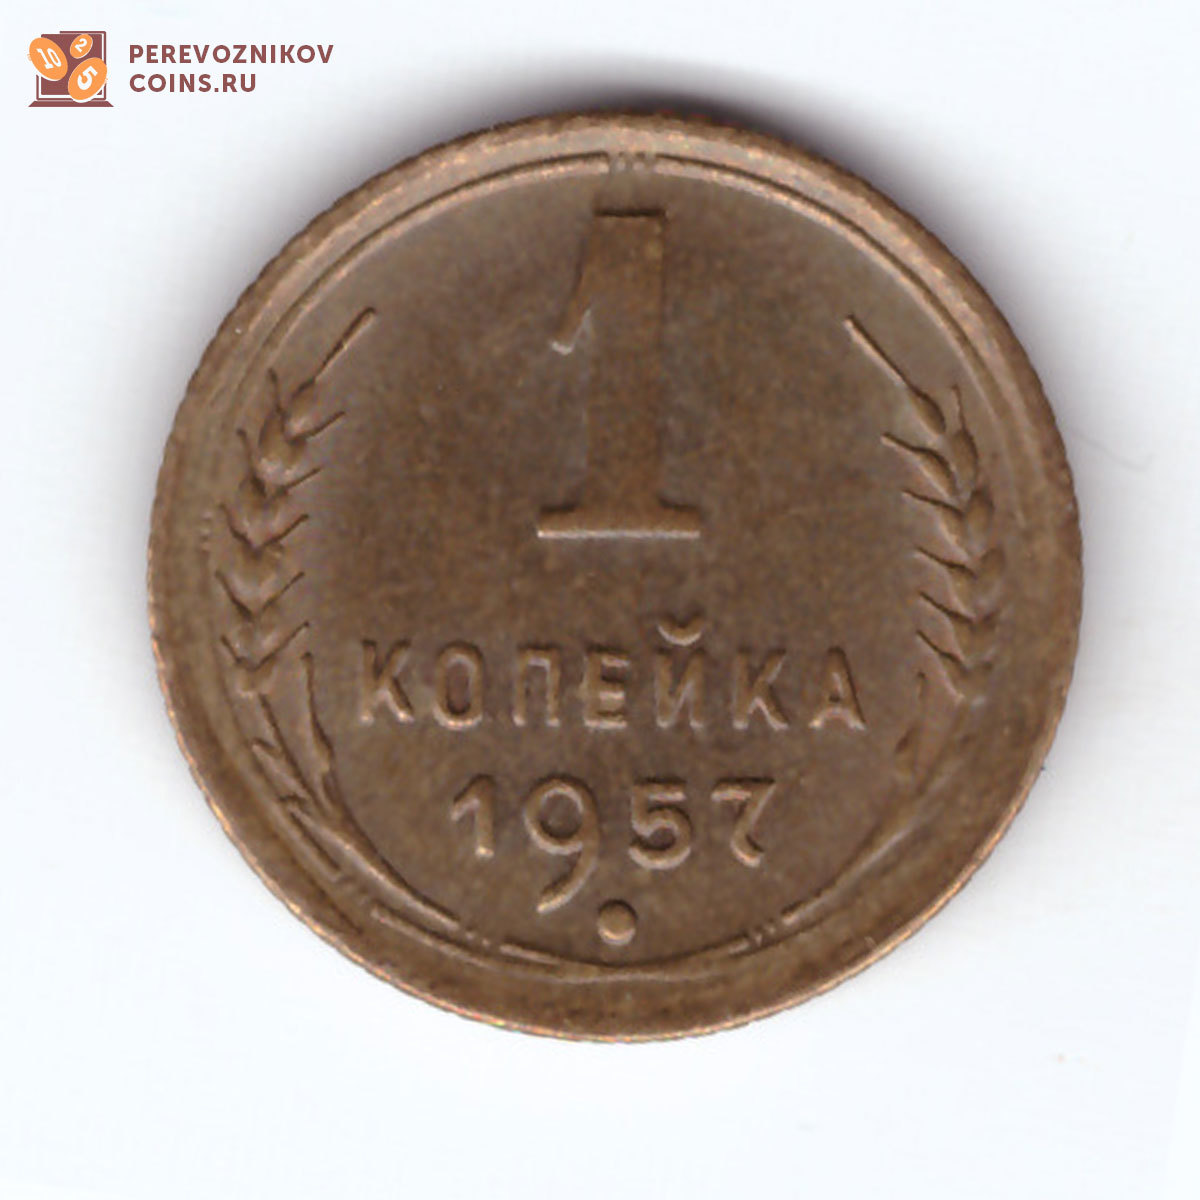 1 копейка 1957 UNC (штемпельный блеск)